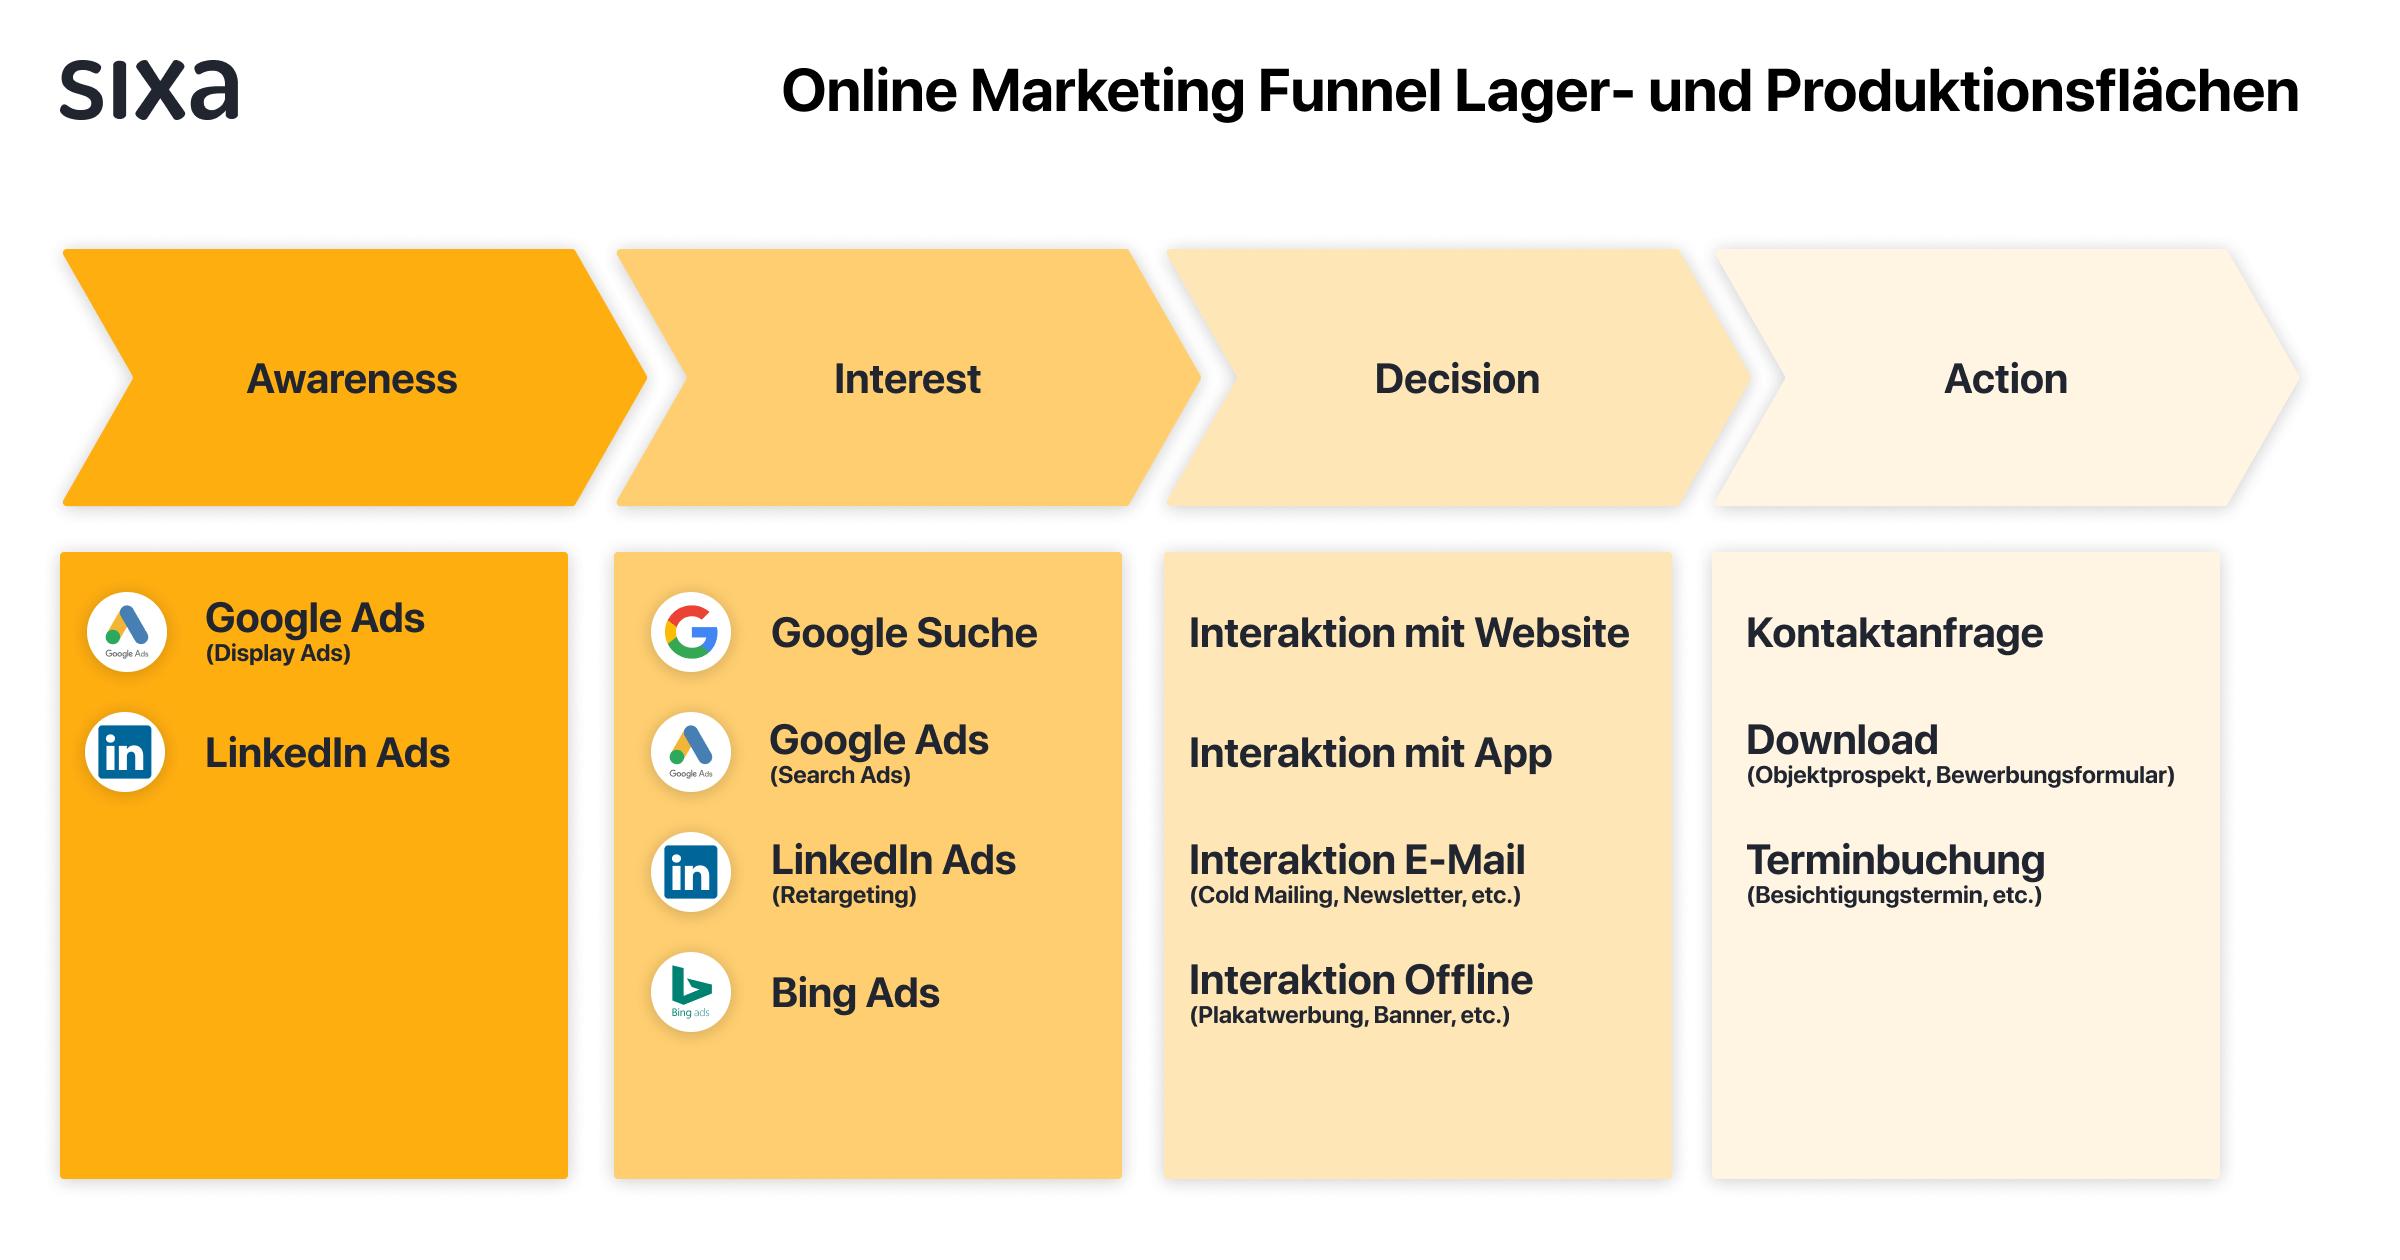 Online Marketing Funnel Lager- und Produktionsflächen.